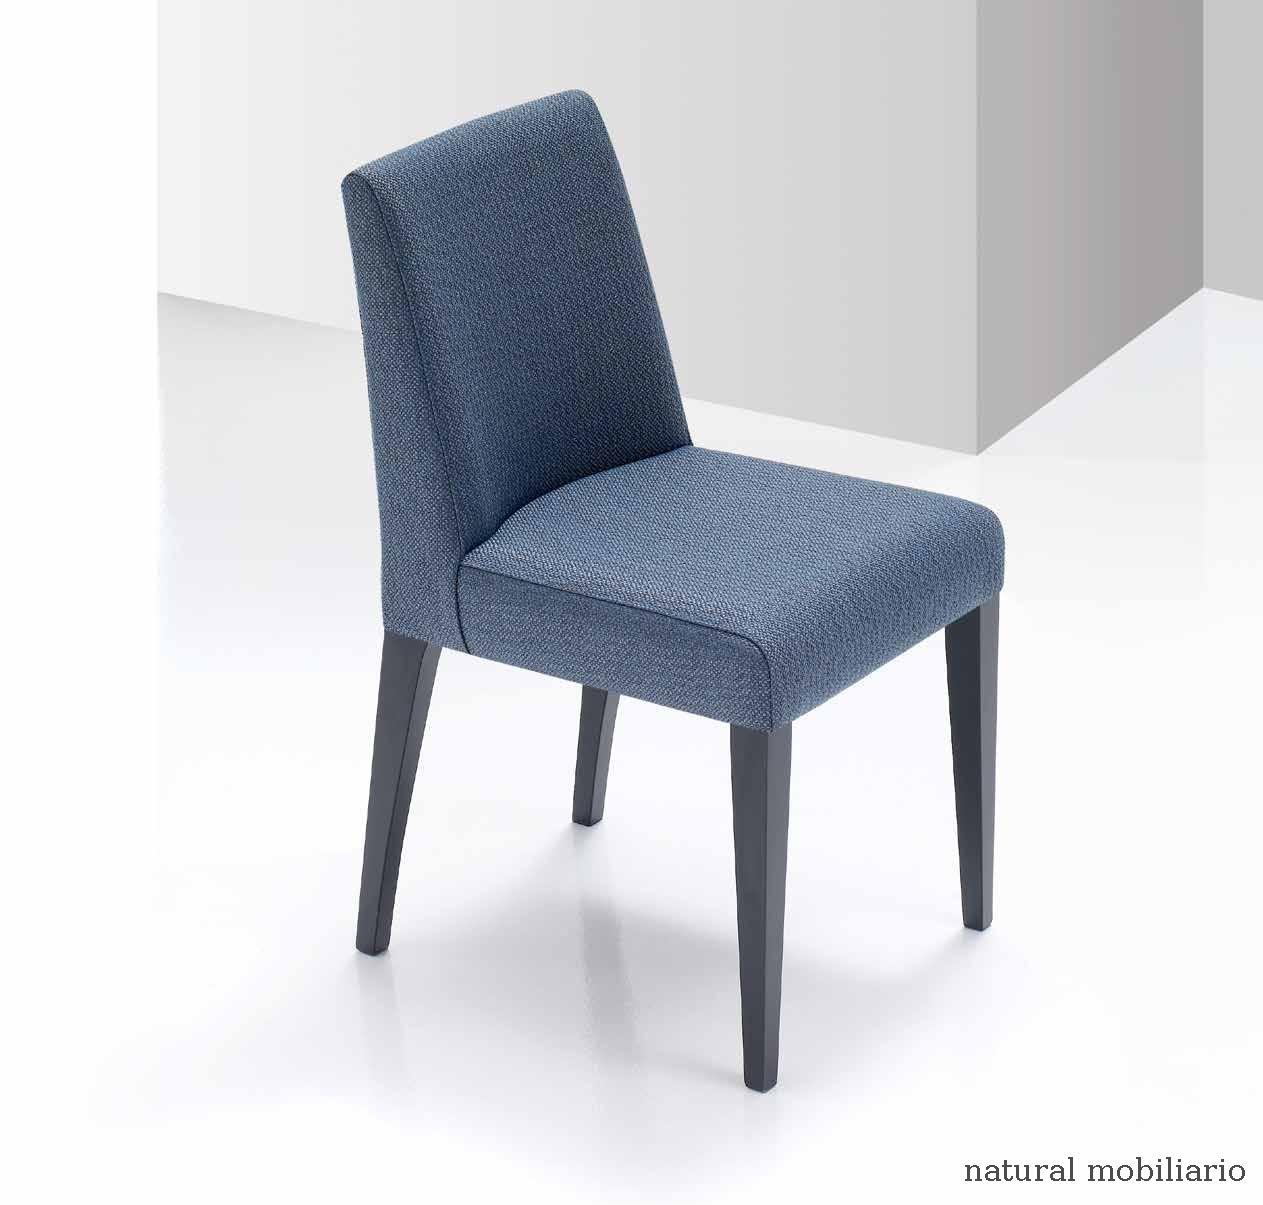 Muebles promociones de sillas mas barato silla modesto y navarro mini